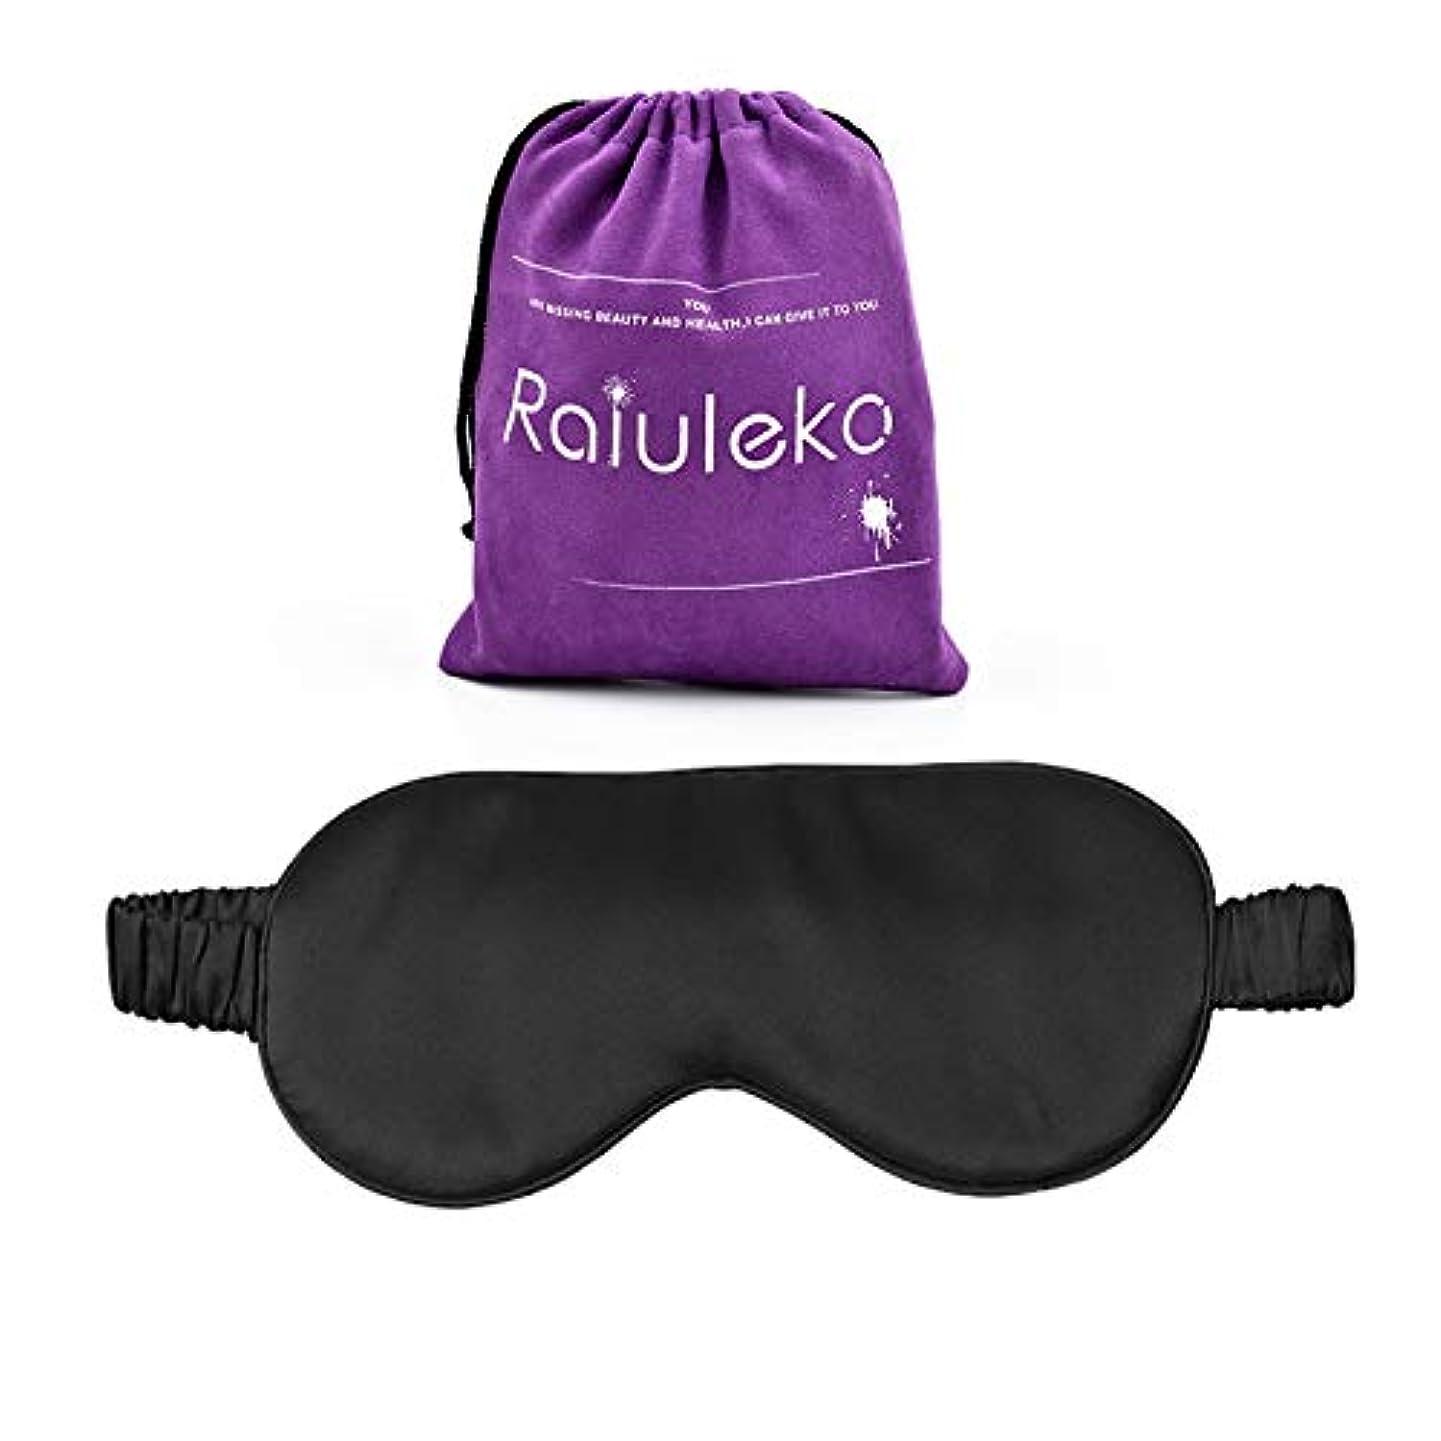 無臭ヒット軸NOTE Raiuleko 100%ピュアシルクスリーピングアイマスクしなやかなアイシェードポータブルトラベルアイパッチ通気性のある滑らかで高級なシェーディングスリープマスク